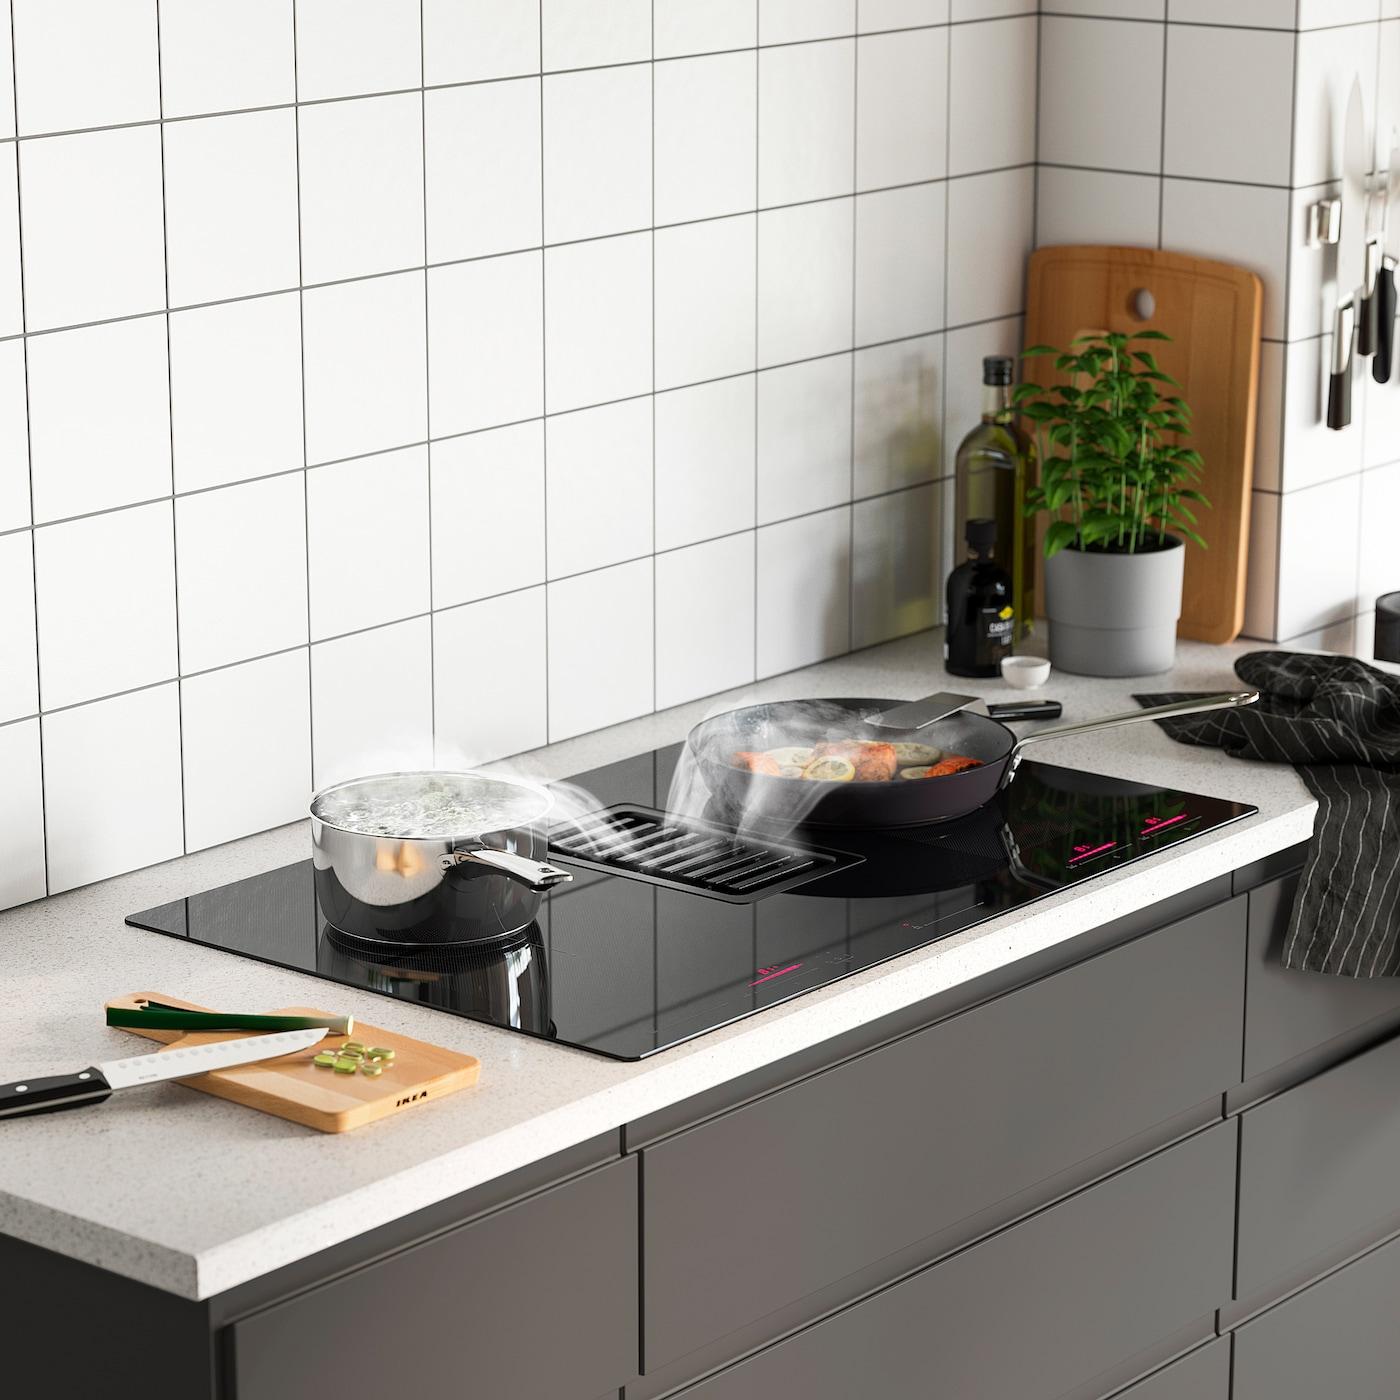 fordelaktig table de cuisson av hotte integree ikea 700 noir 83 cm